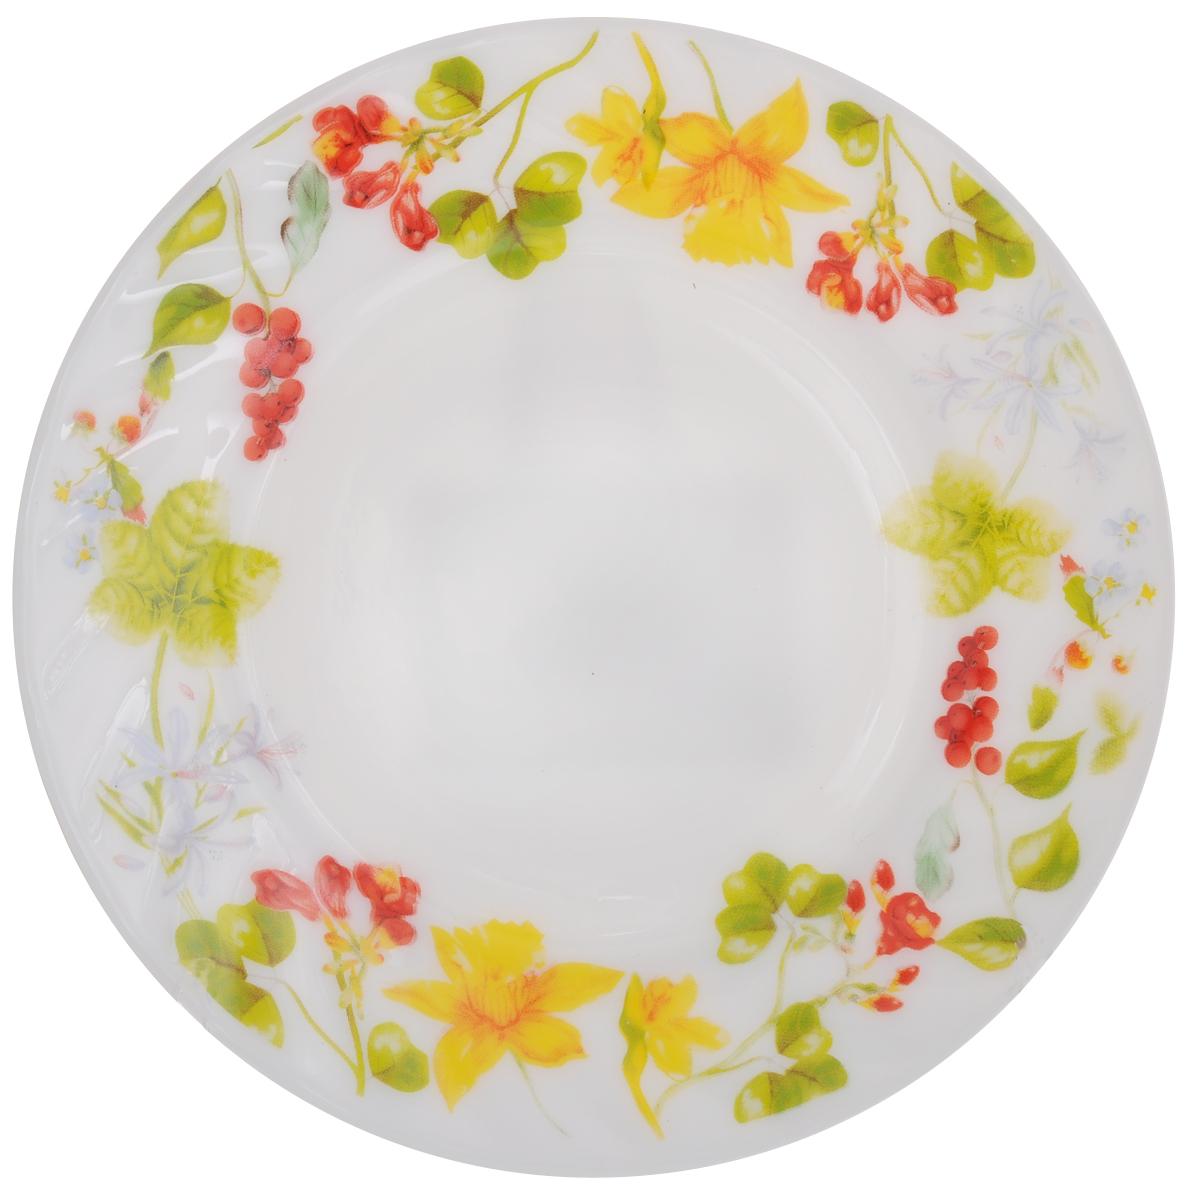 Тарелка десертная Chinbull Оттавиа, диаметр 18 смHP-70/6728Десертная тарелка Chinbull Оттавиа изготовлена из экологически чистой стеклокерамики. Изделие оформлено красочным рисунком и имеет изысканный внешний вид. Такая тарелка прекрасно подходит как для торжественных случаев, так и для повседневного использования. Идеальна для подачи десертов, пирожных, тортов и многого другого. Она прекрасно оформит стол и станет отличным дополнением к вашей коллекции кухонной посуды.Можно использовать в посудомоечной машине и СВЧ.Диаметр (по верхнему краю): 18 см.Высота стенки: 1,7 см.